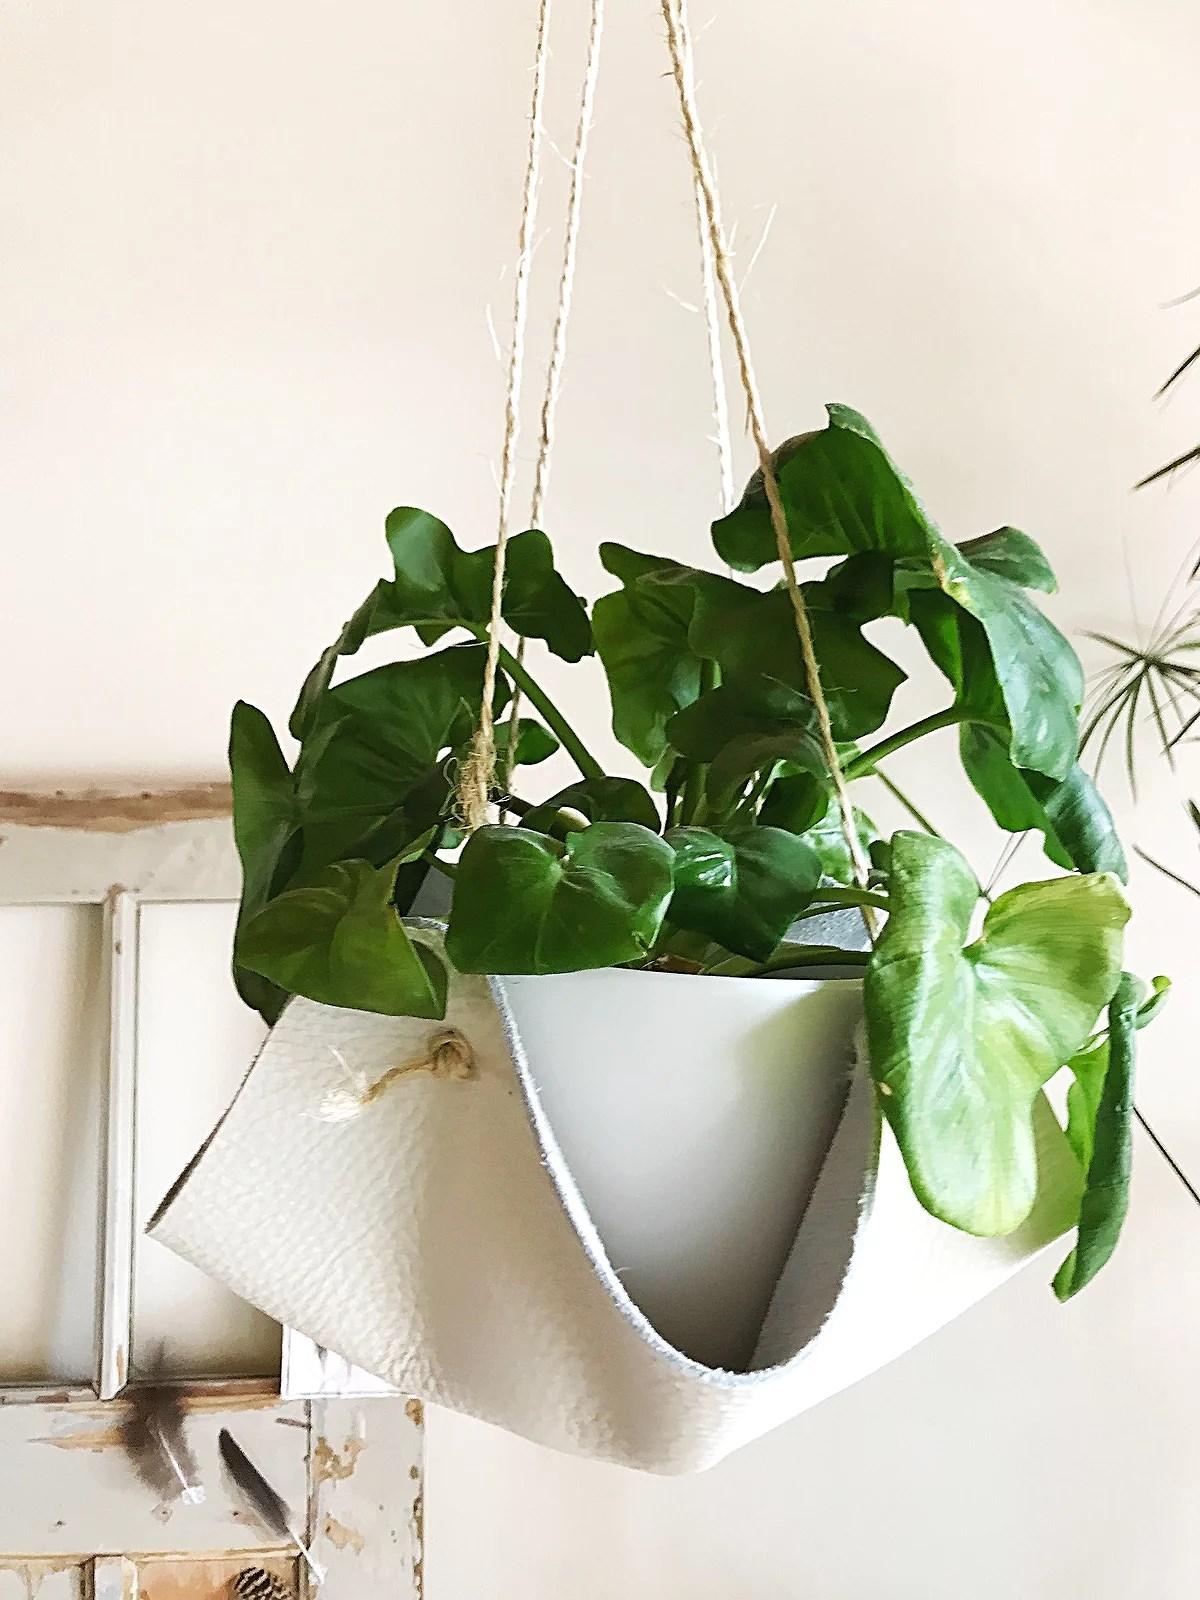 Leren plantendragers